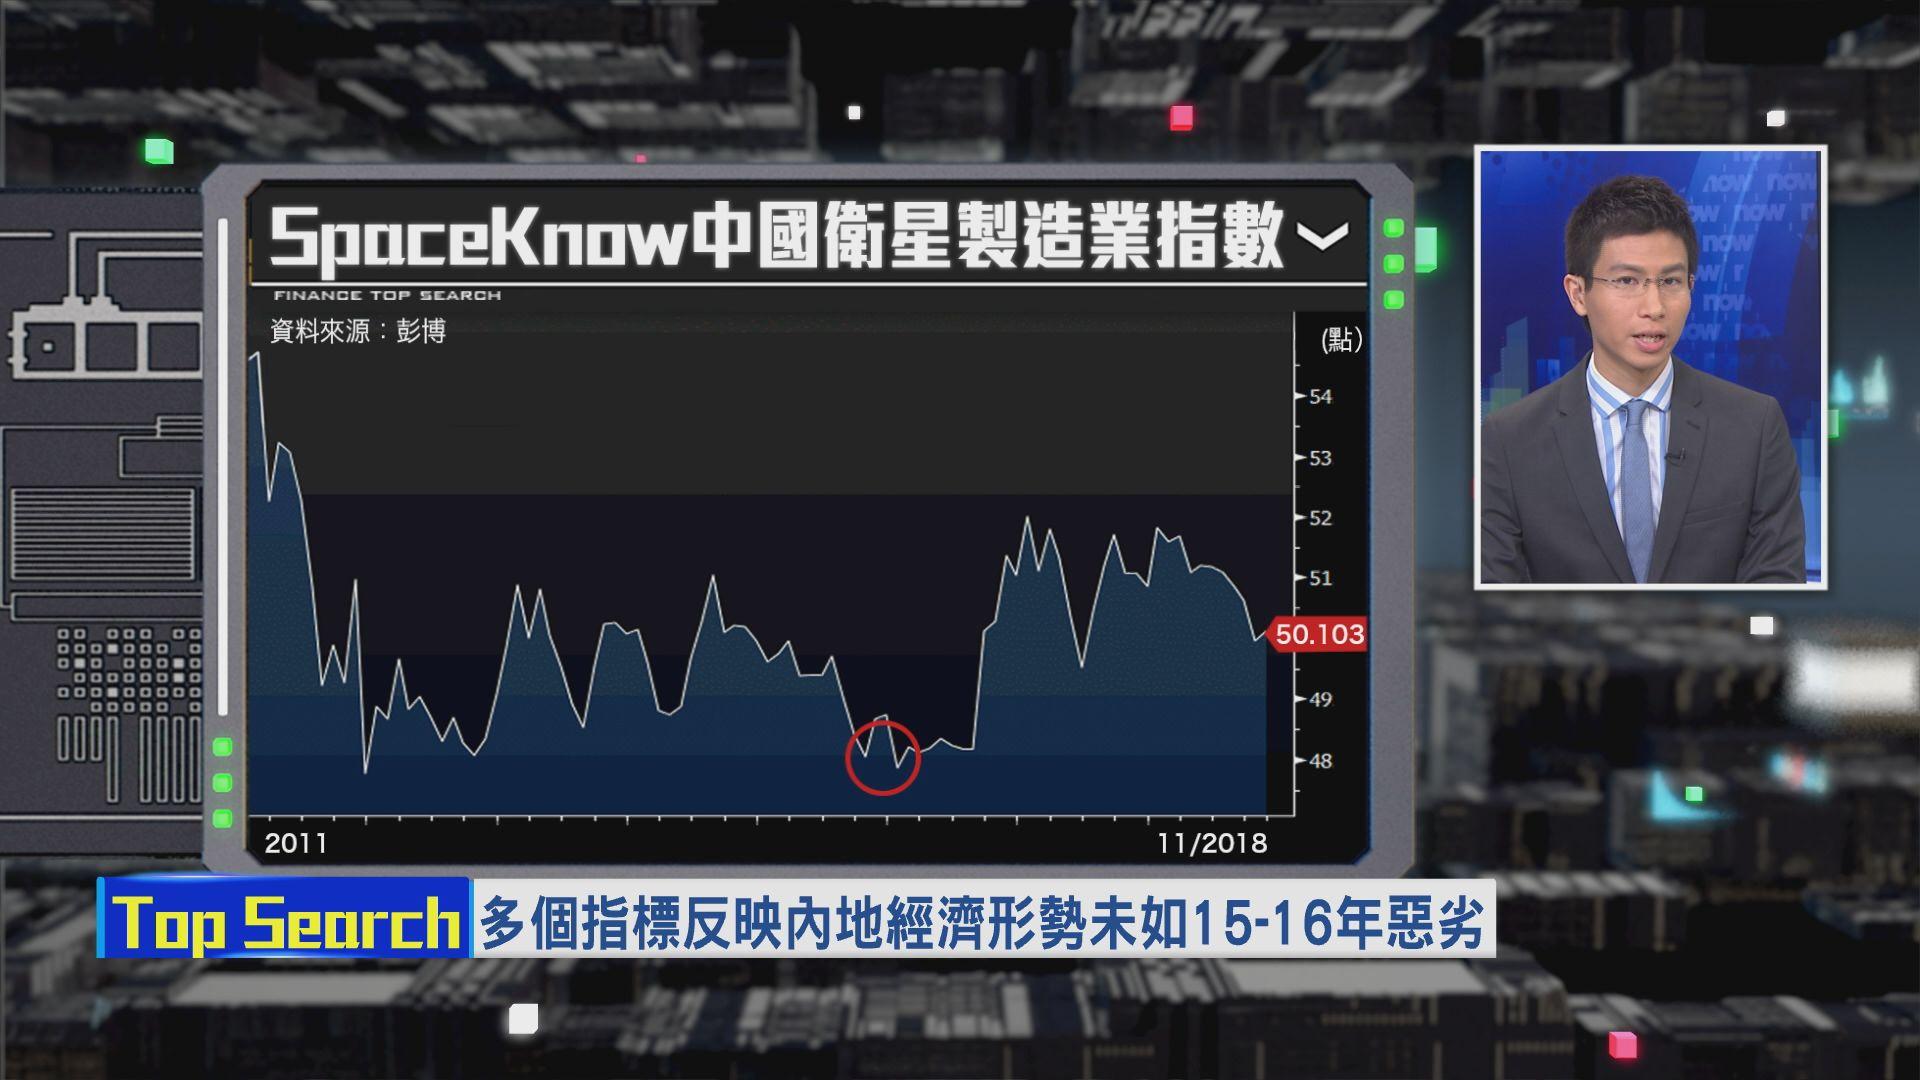 【財經TOP SEARCH】內地經濟形勢真係好差?